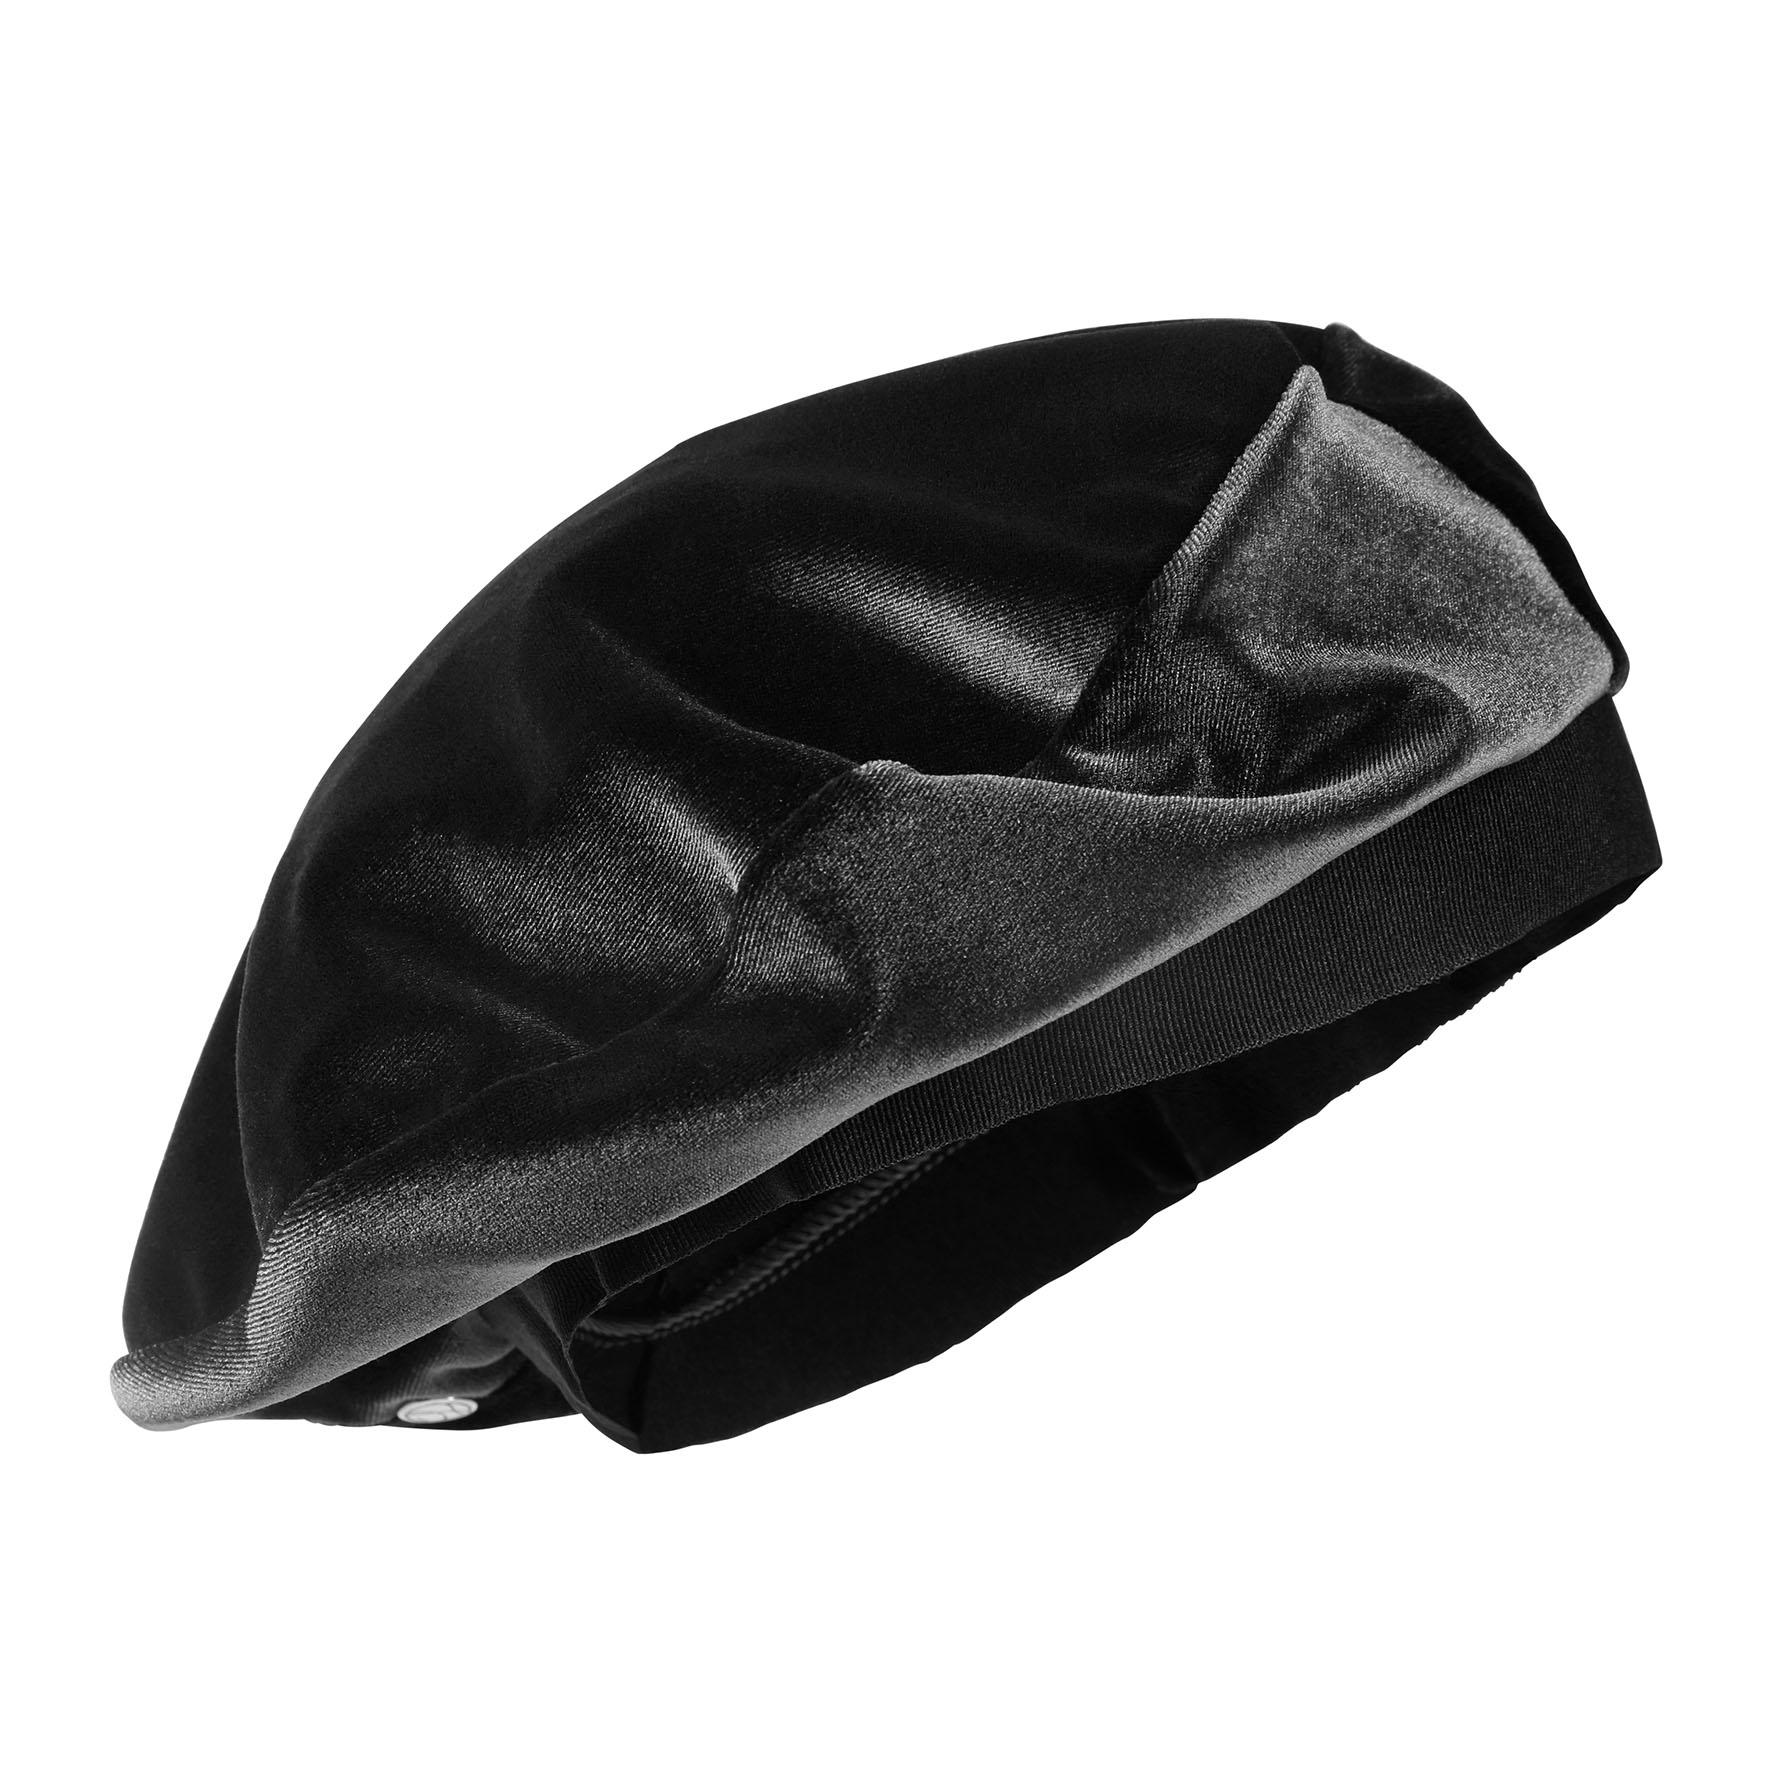 Laulhère Beret Velours Black